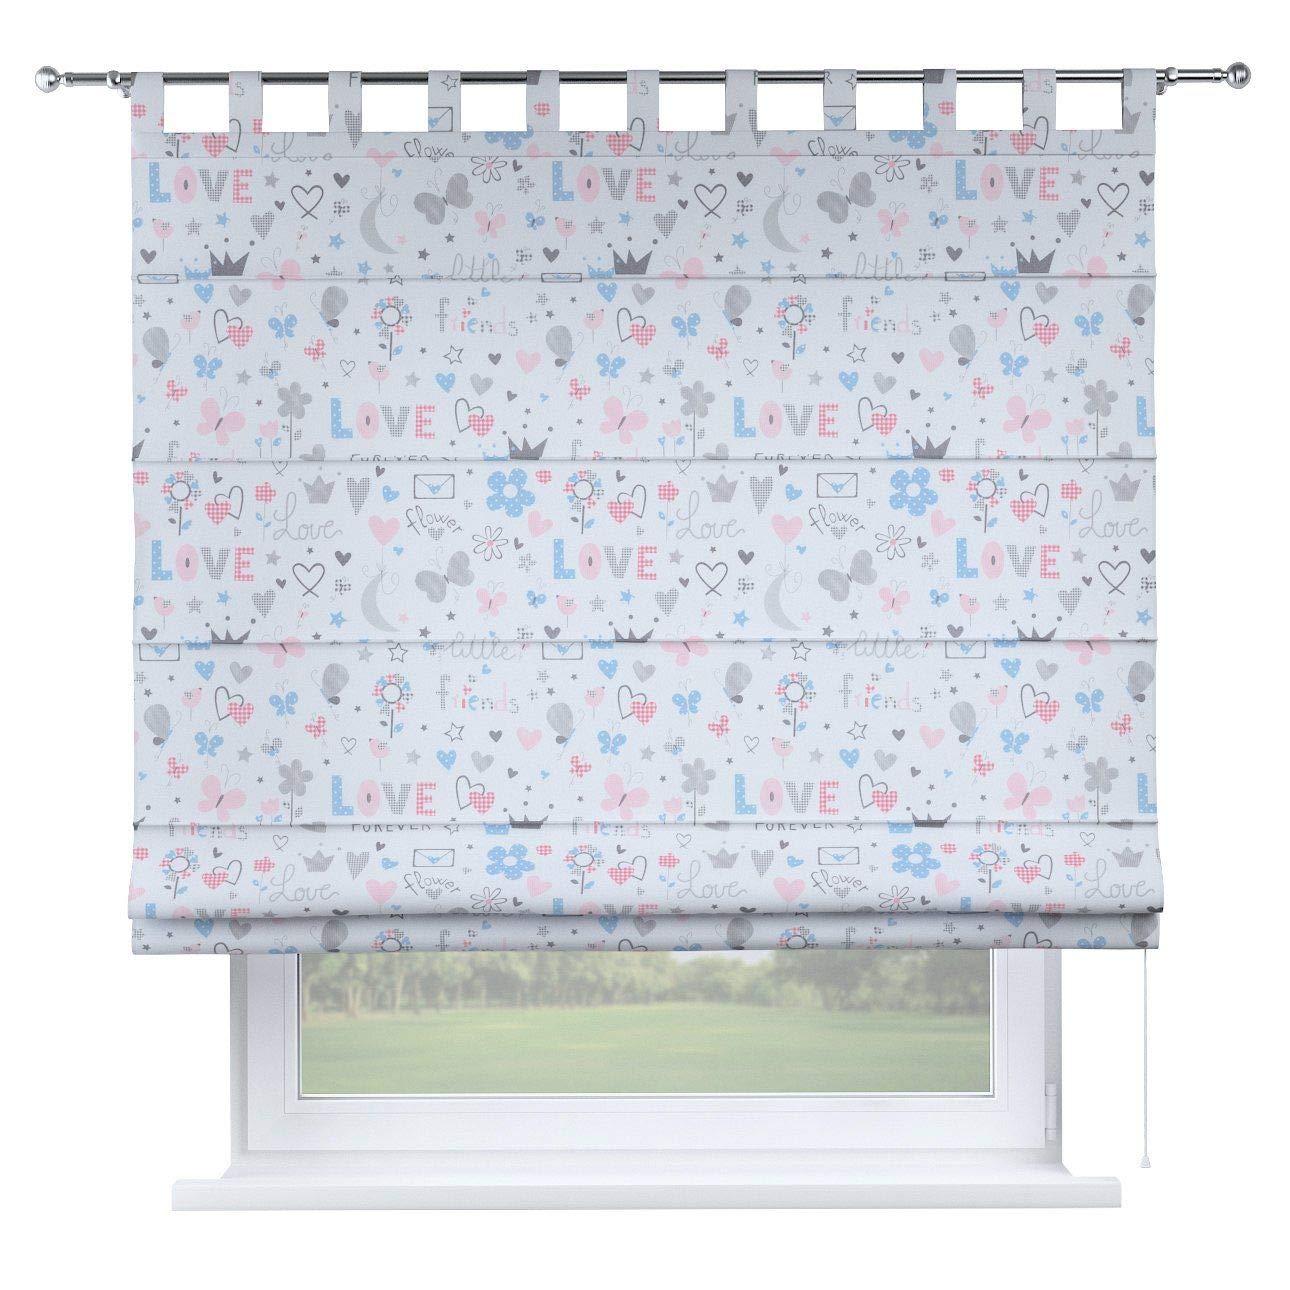 Dekoria Raffrollo Verona ohne Bohren Blickdicht Faltvorhang Raffgardine Wohnzimmer Schlafzimmer Kinderzimmer 100 × 170 cm grau-rosa-blau Raffrollos auf Maß maßanfertigung möglich